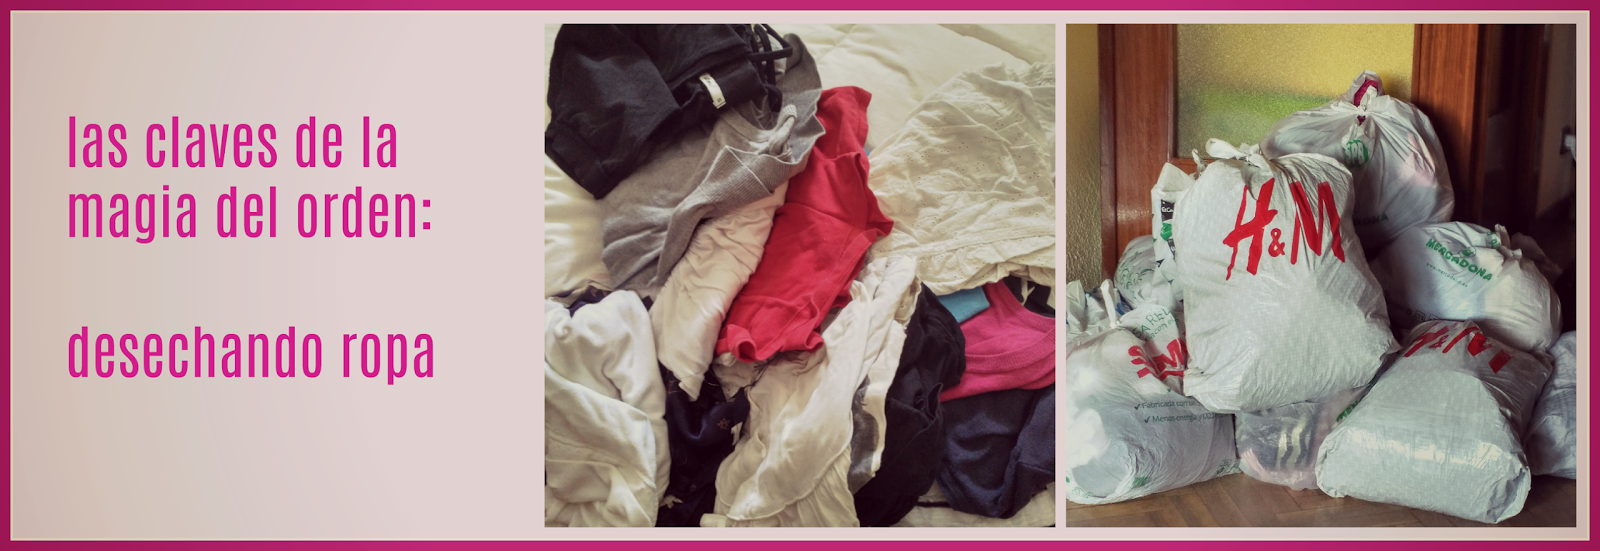 claves-de-la-magia-del-orden-desechando-ropa